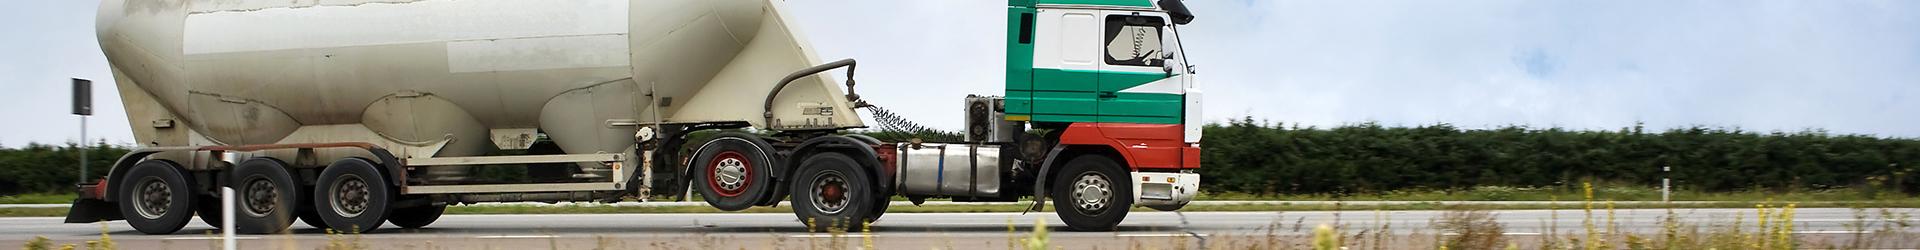 Stuursystemen voor bulktransport